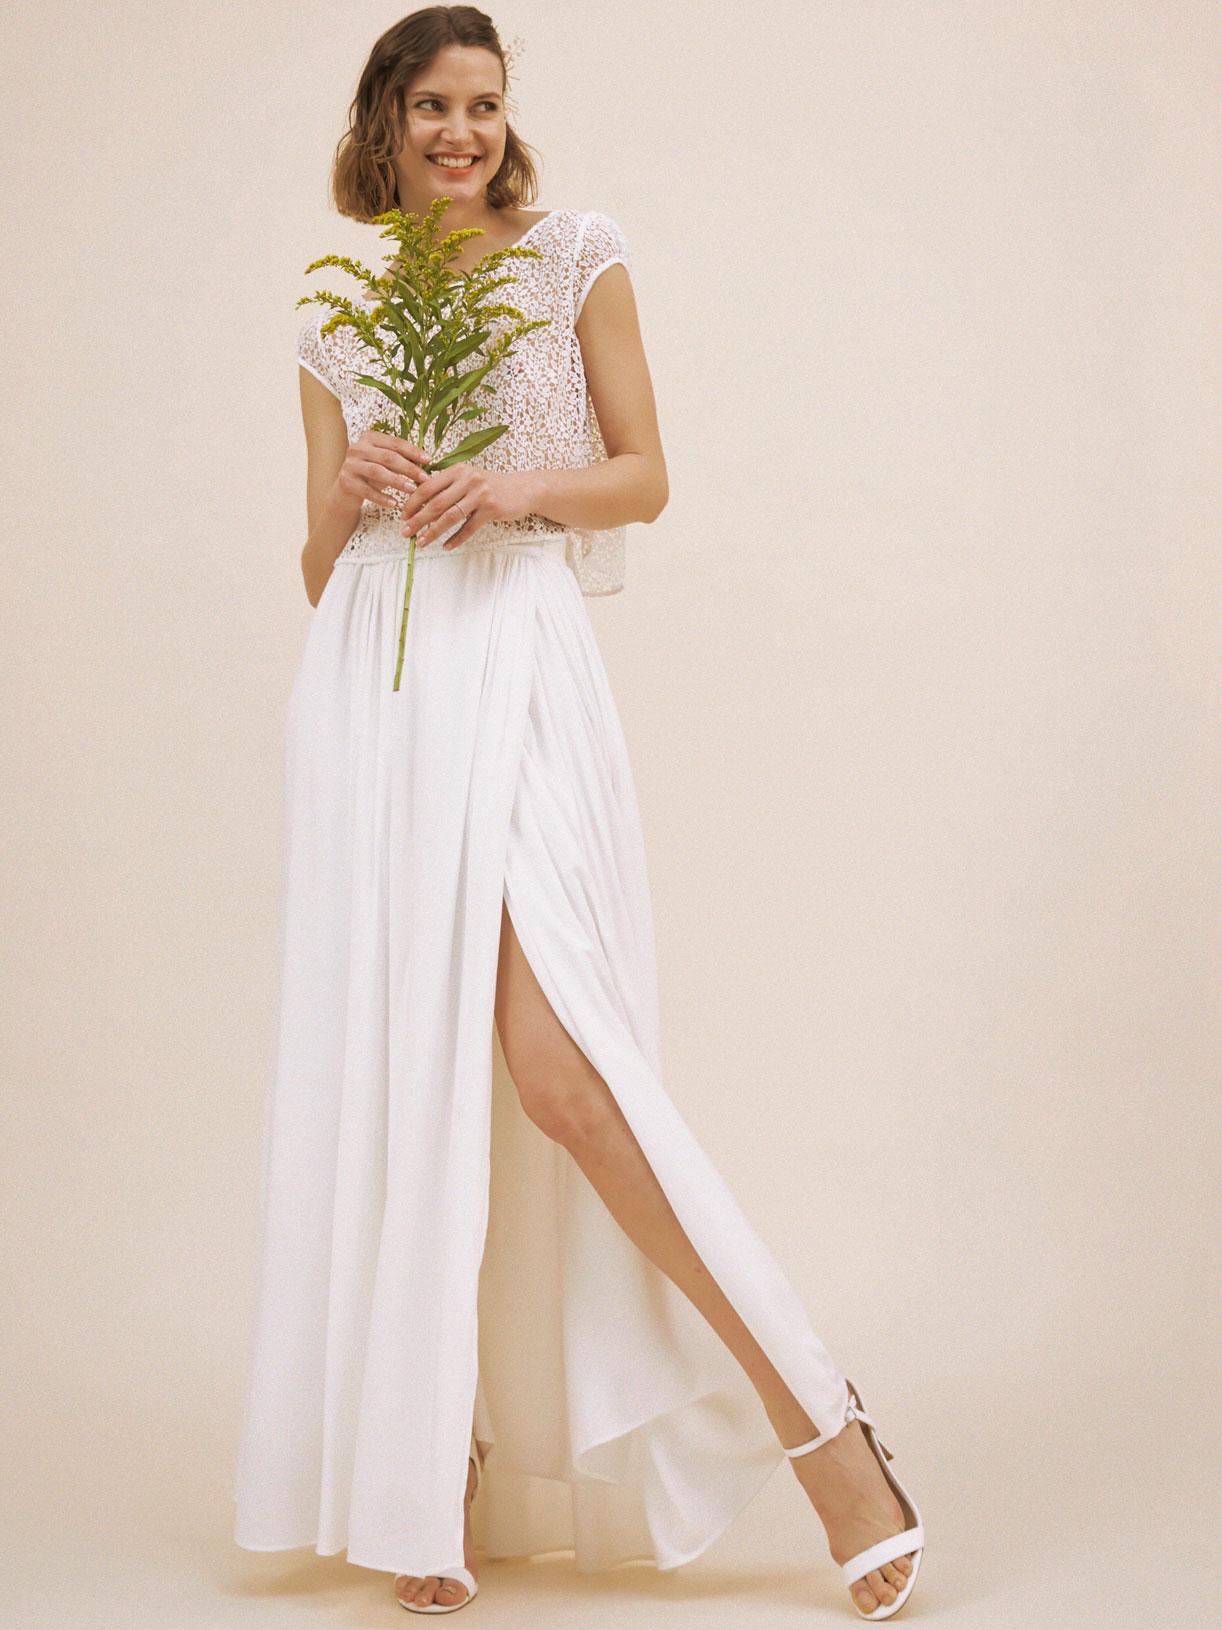 Jupe de mariée longue fendue écoresponsable - Creatrice de robe de mariée éthique et bio a Paris - Myphilosophy